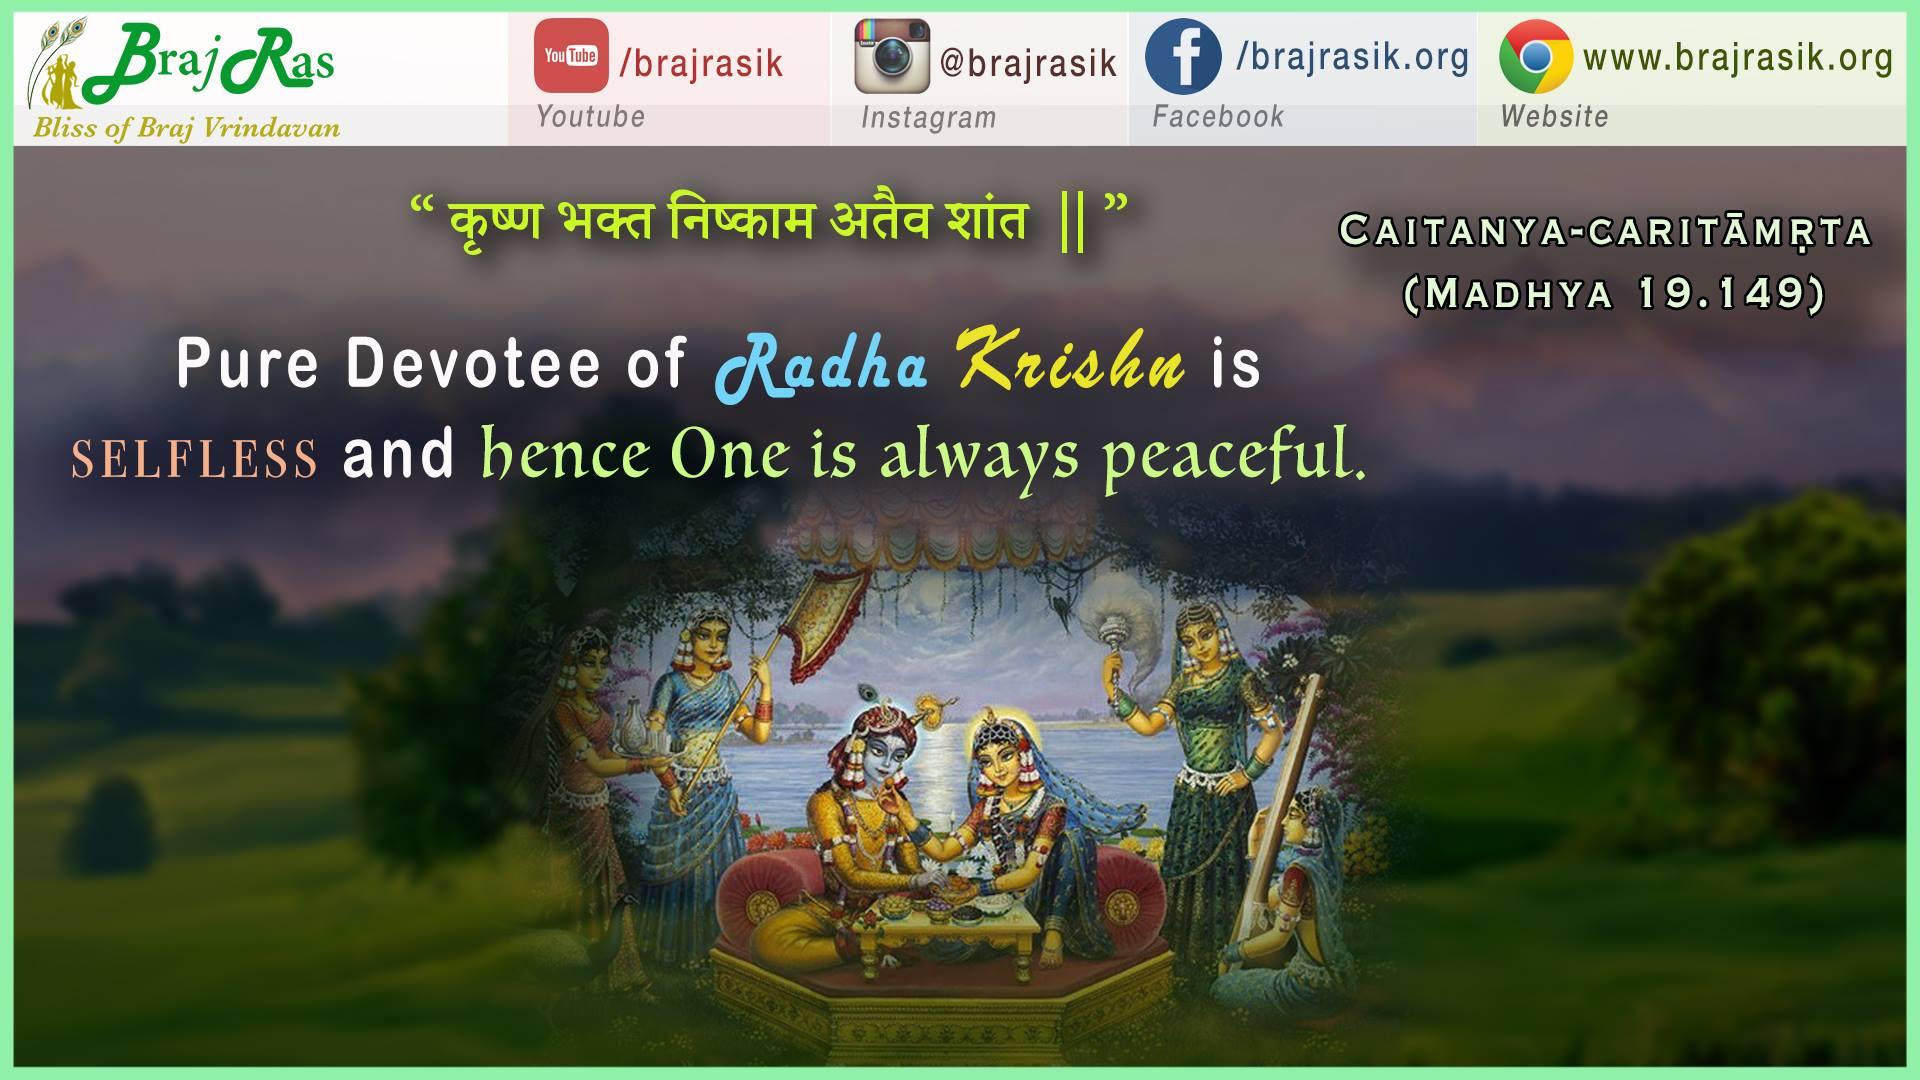 Krishn Bhakt Nishkaam Ataiv Shant - Caitanya-caritamṛta (Madhya 19.149)